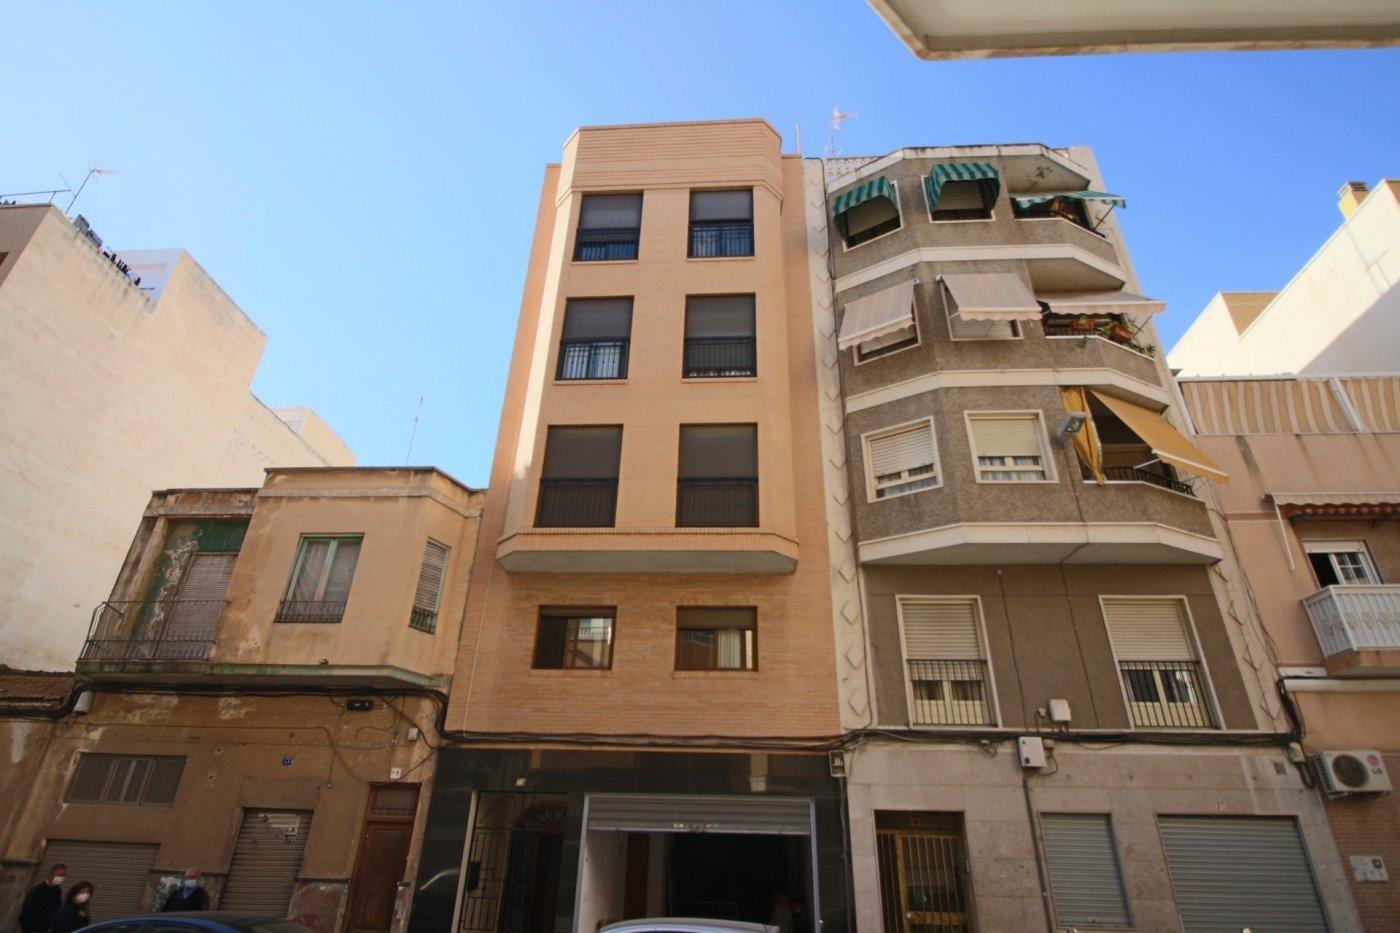 Se vende magnífico edificio, compuesto de local, dos pisos y un gran duplex. Todo seminuevo